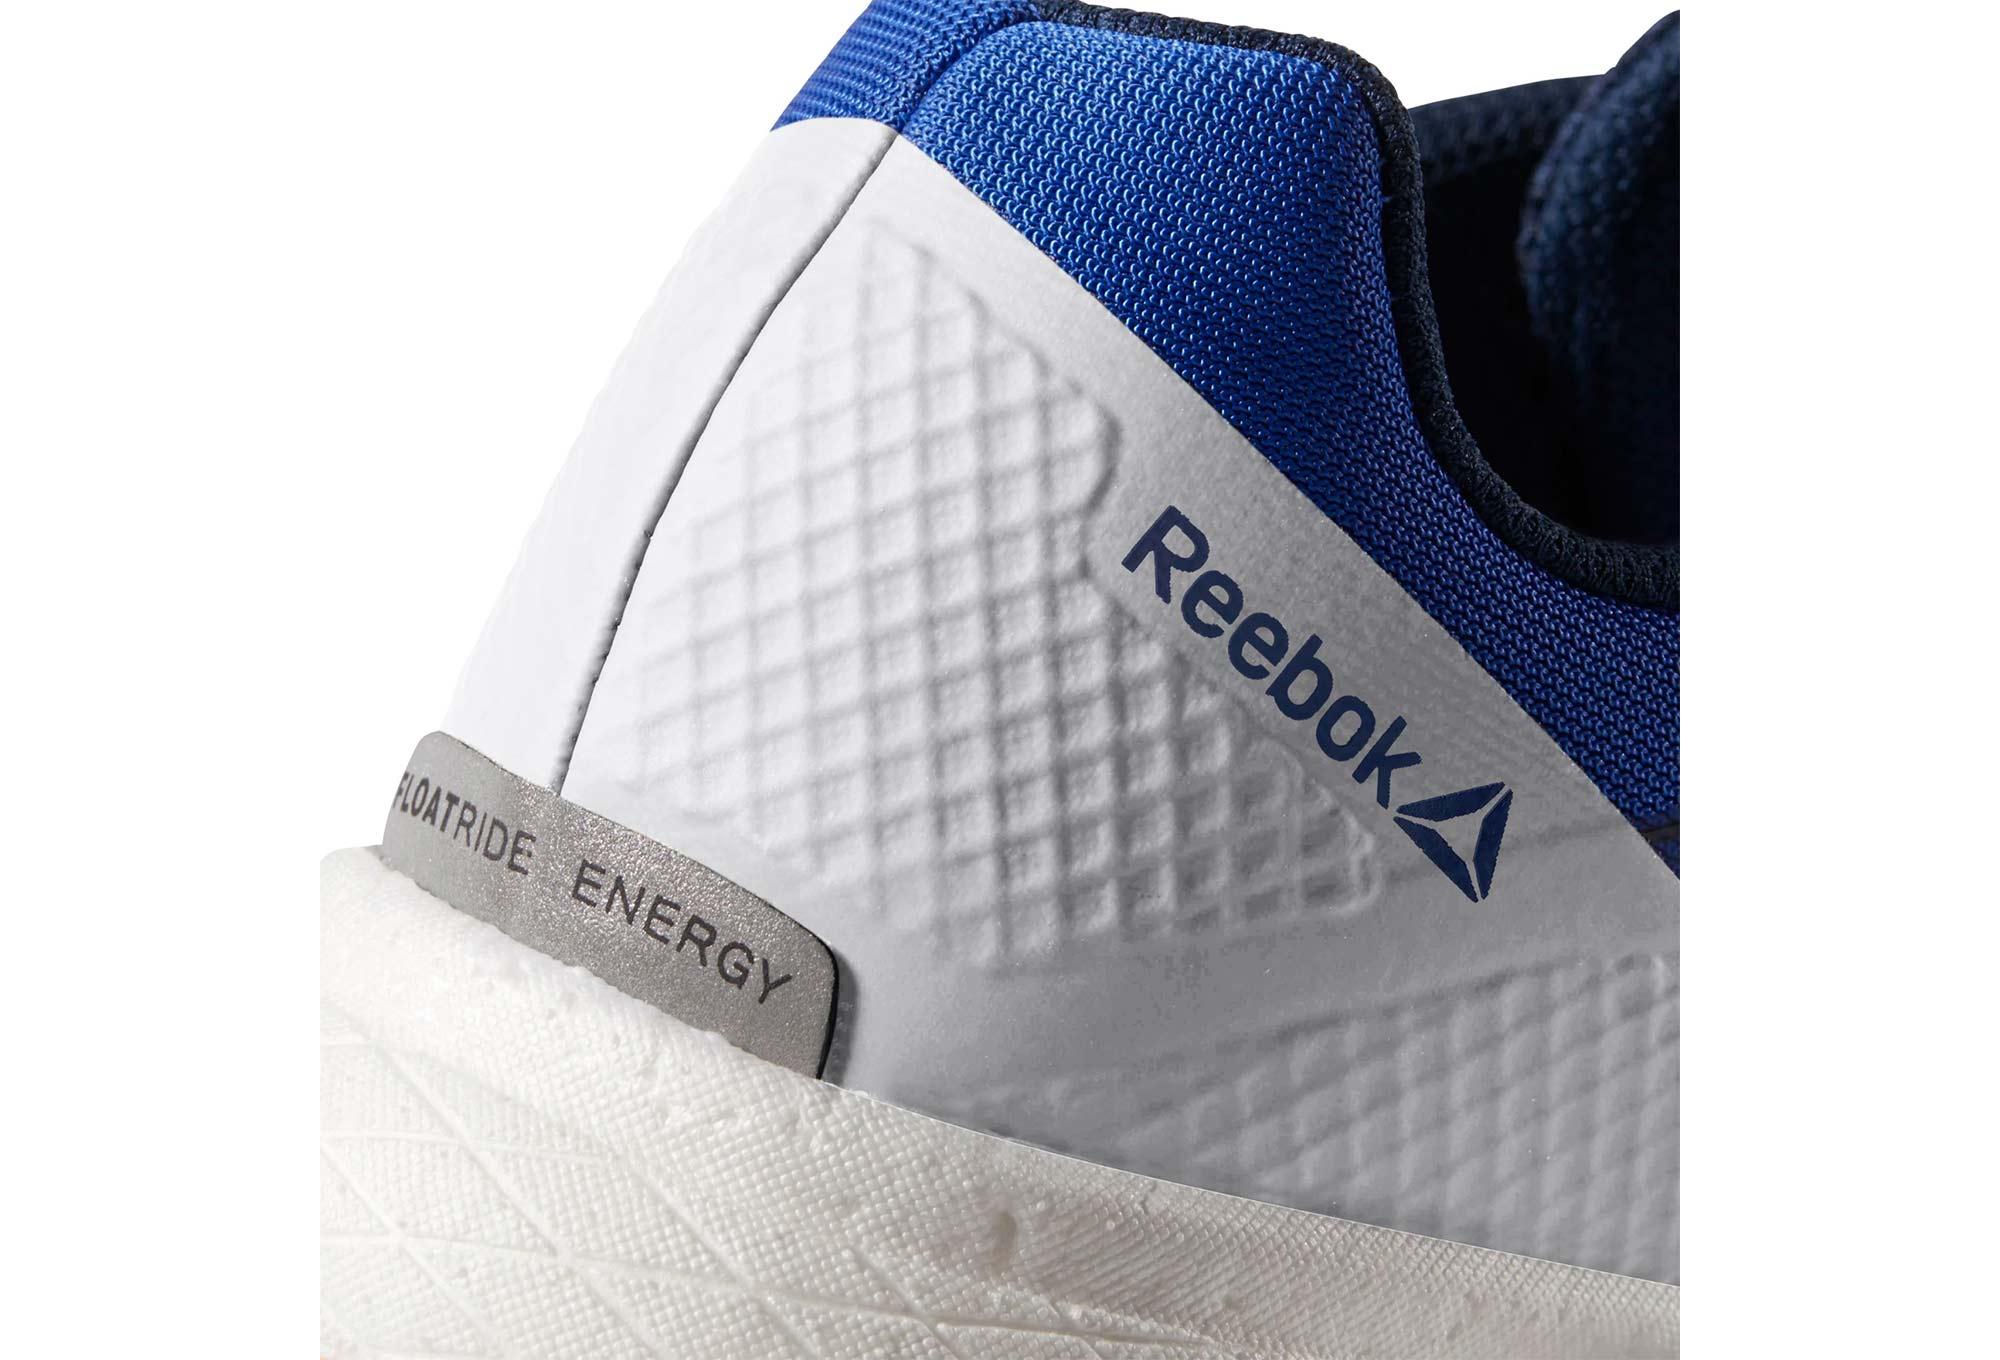 bcd75861ee7 Reebok Forever Floatride Energy Blue White